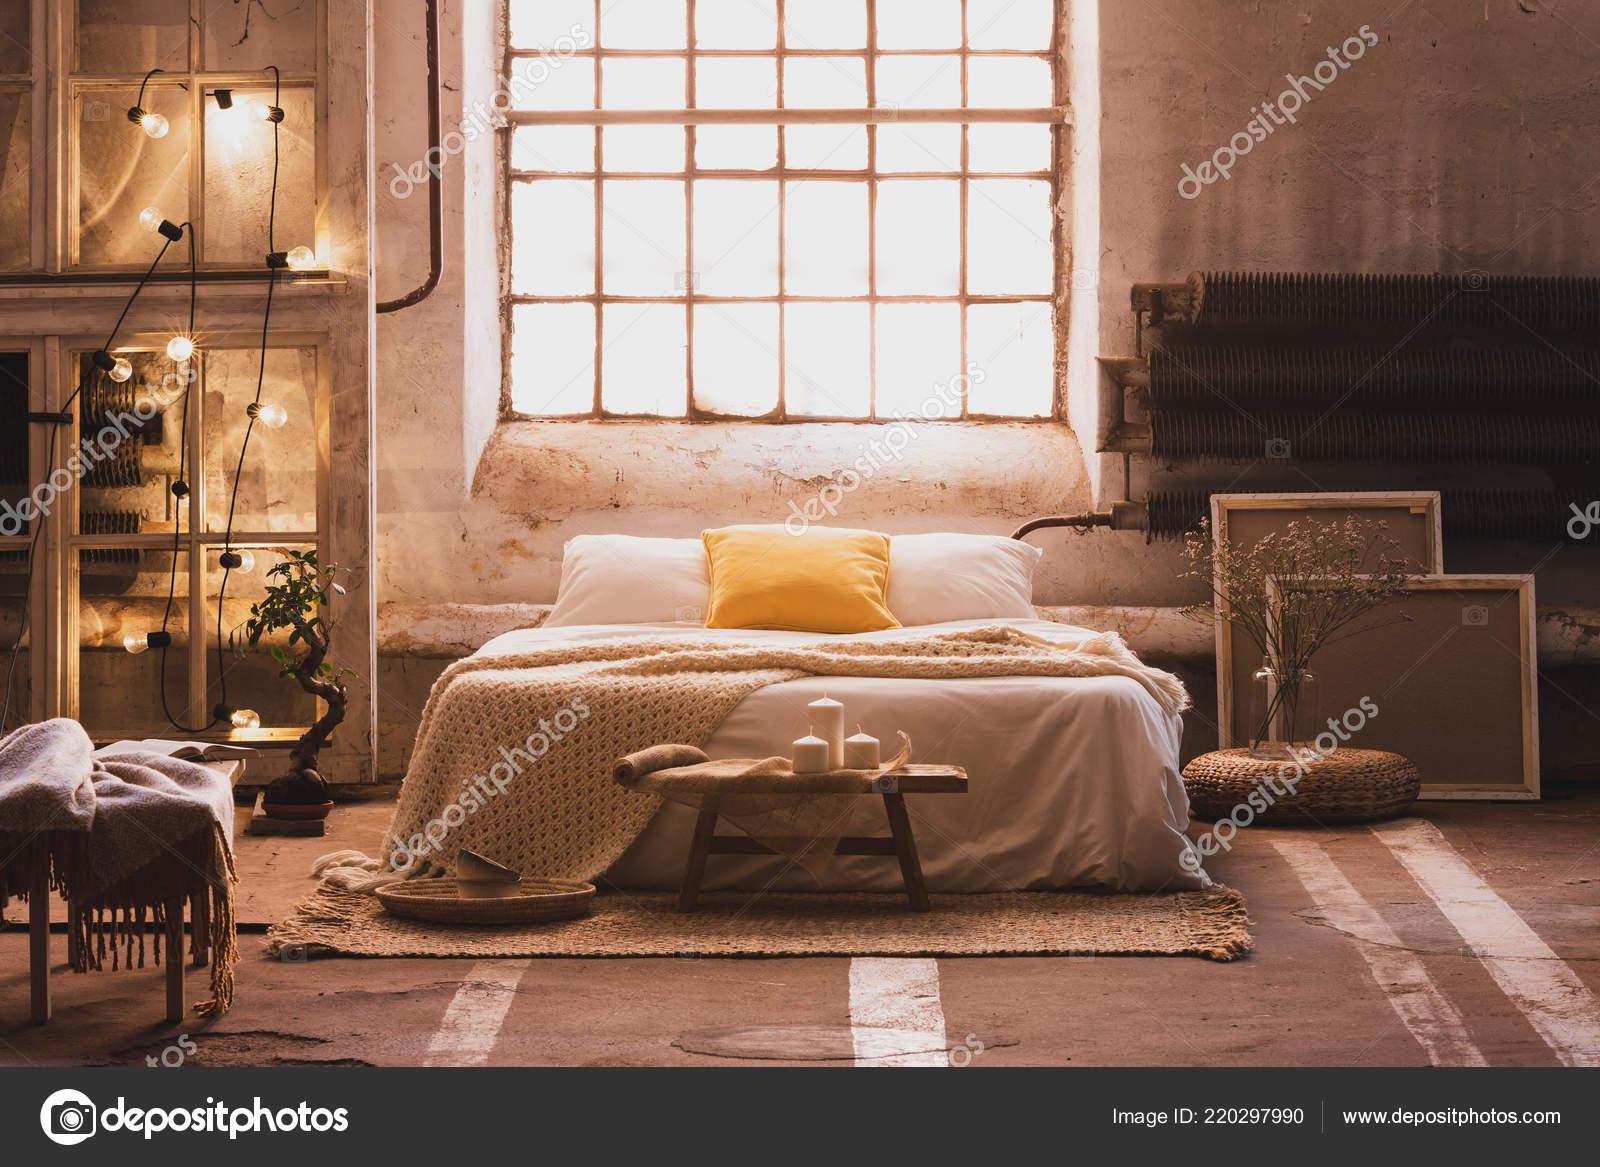 Letto Matrimoniale Giallo : Foto reale interno accogliente industriale camera letto con letto